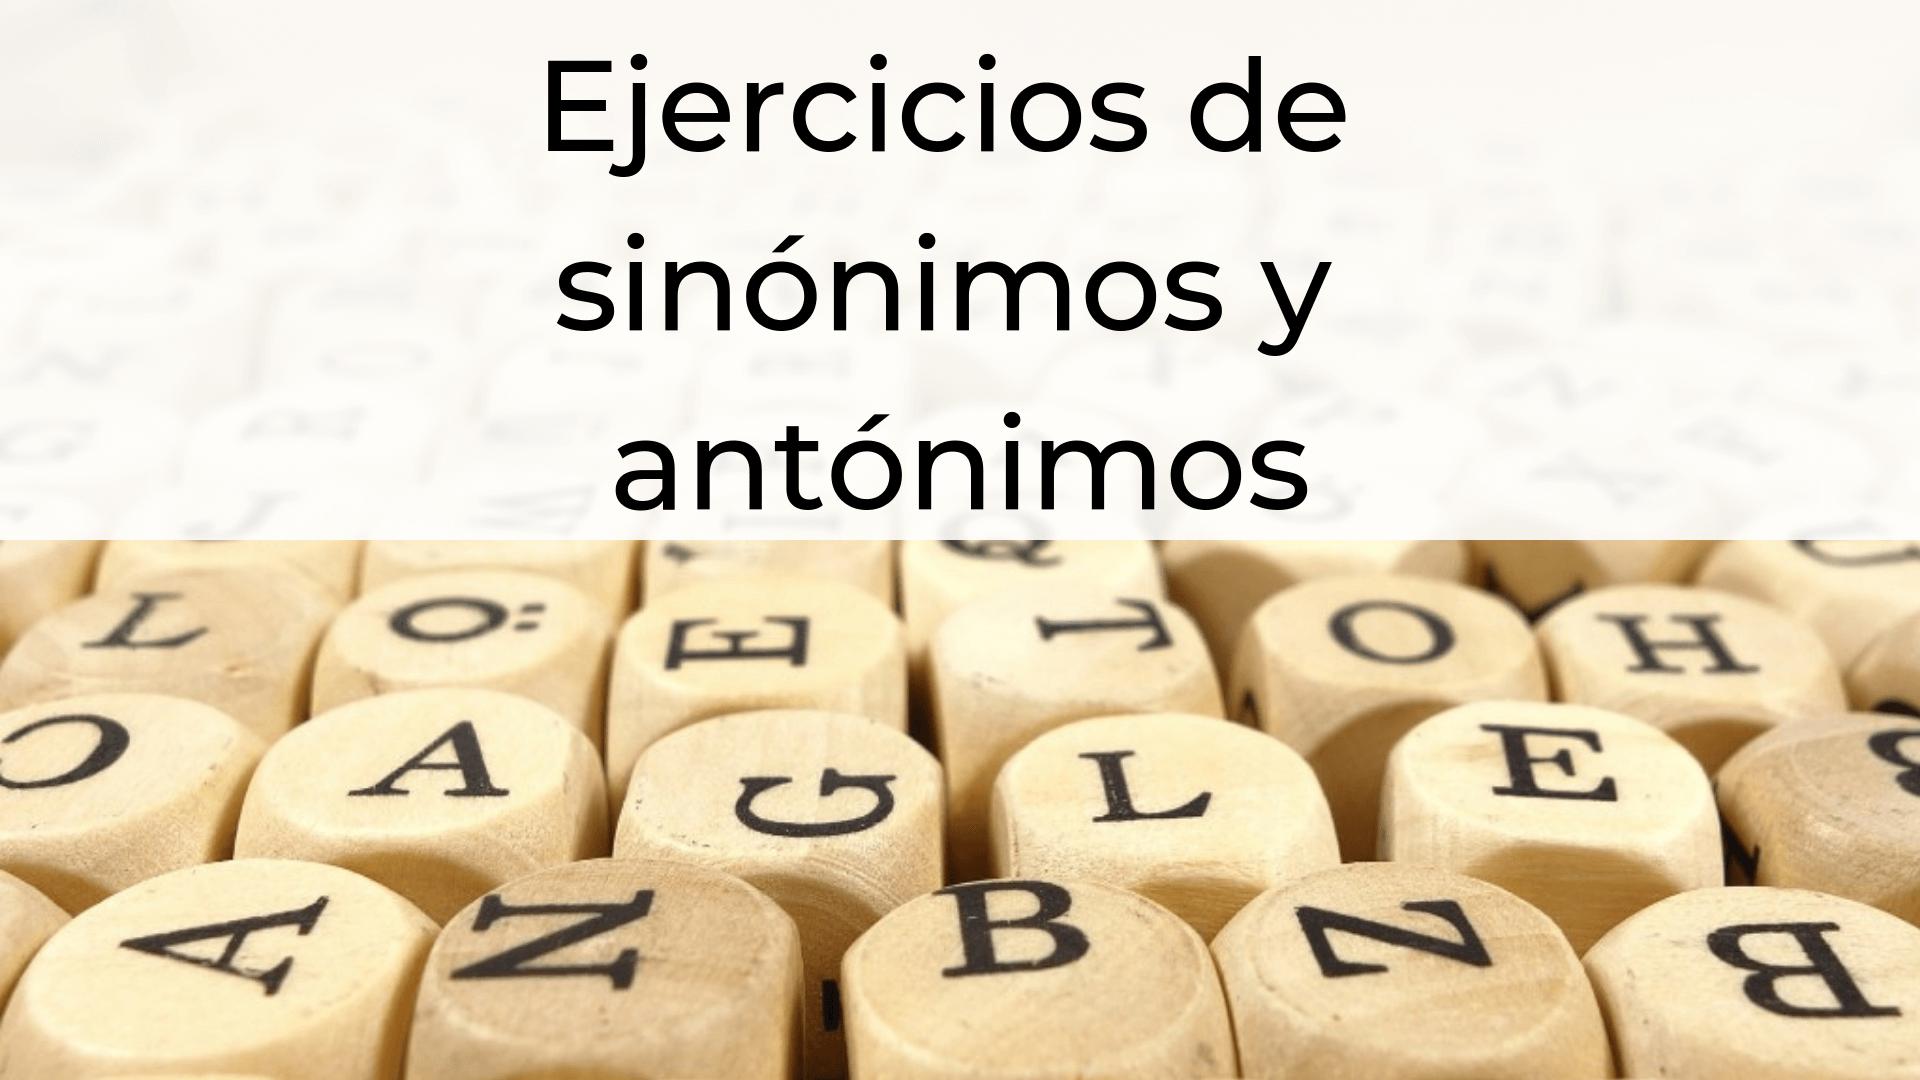 ejercicios de sinónimos y antónimos para niños de primaria